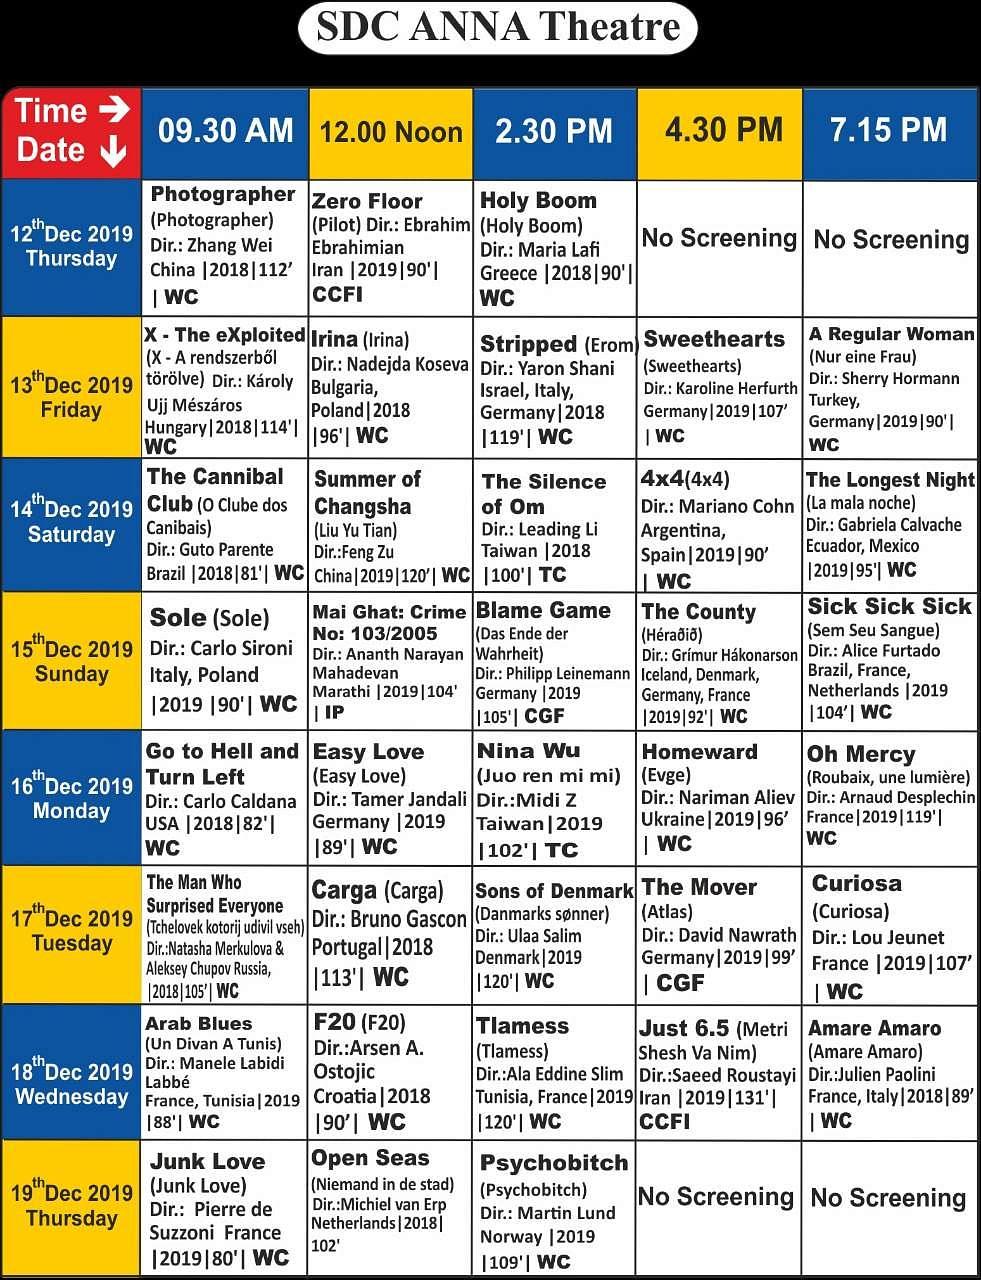 சென்னை சா்வதேச திரைப்பட விழாவில் திரையிடப்படும் படங்கள்: முழுப் பட்டியல்! Anna_Screening_Details_(5)